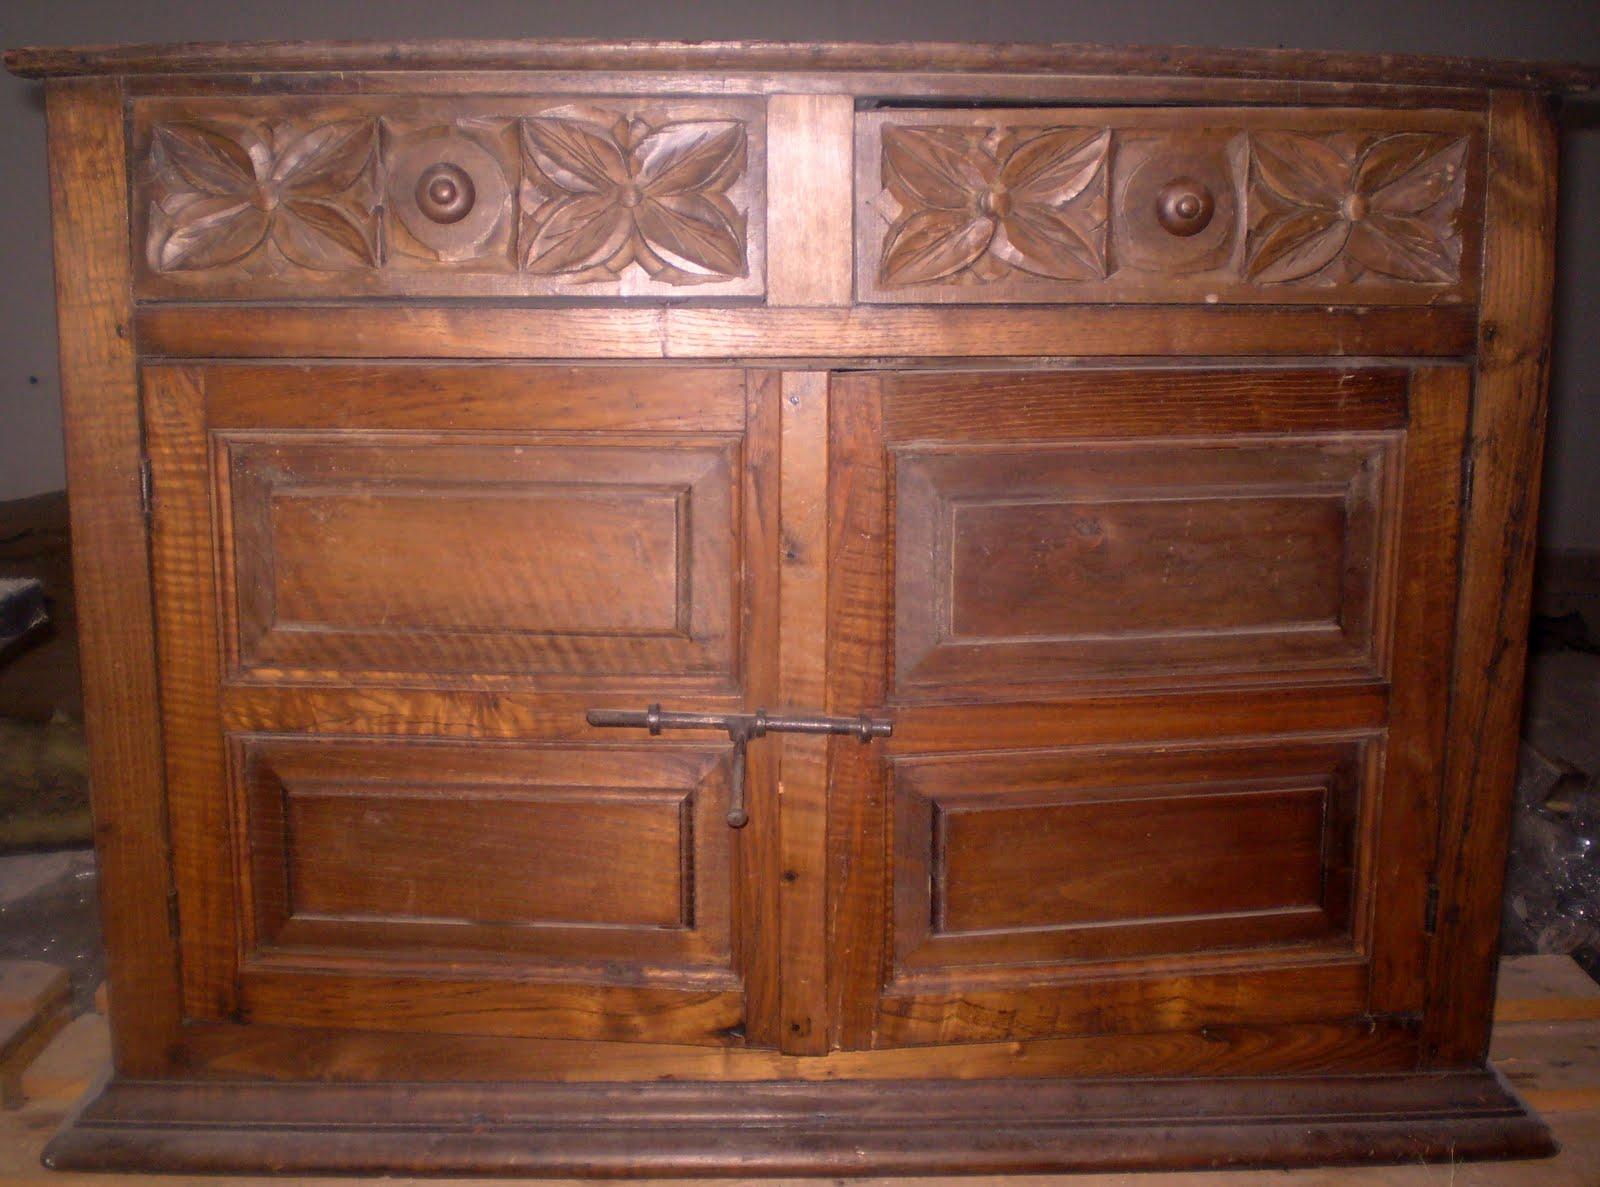 Restauracion muebles compra venta arte y antiguedades - Muebles el tresillo ...